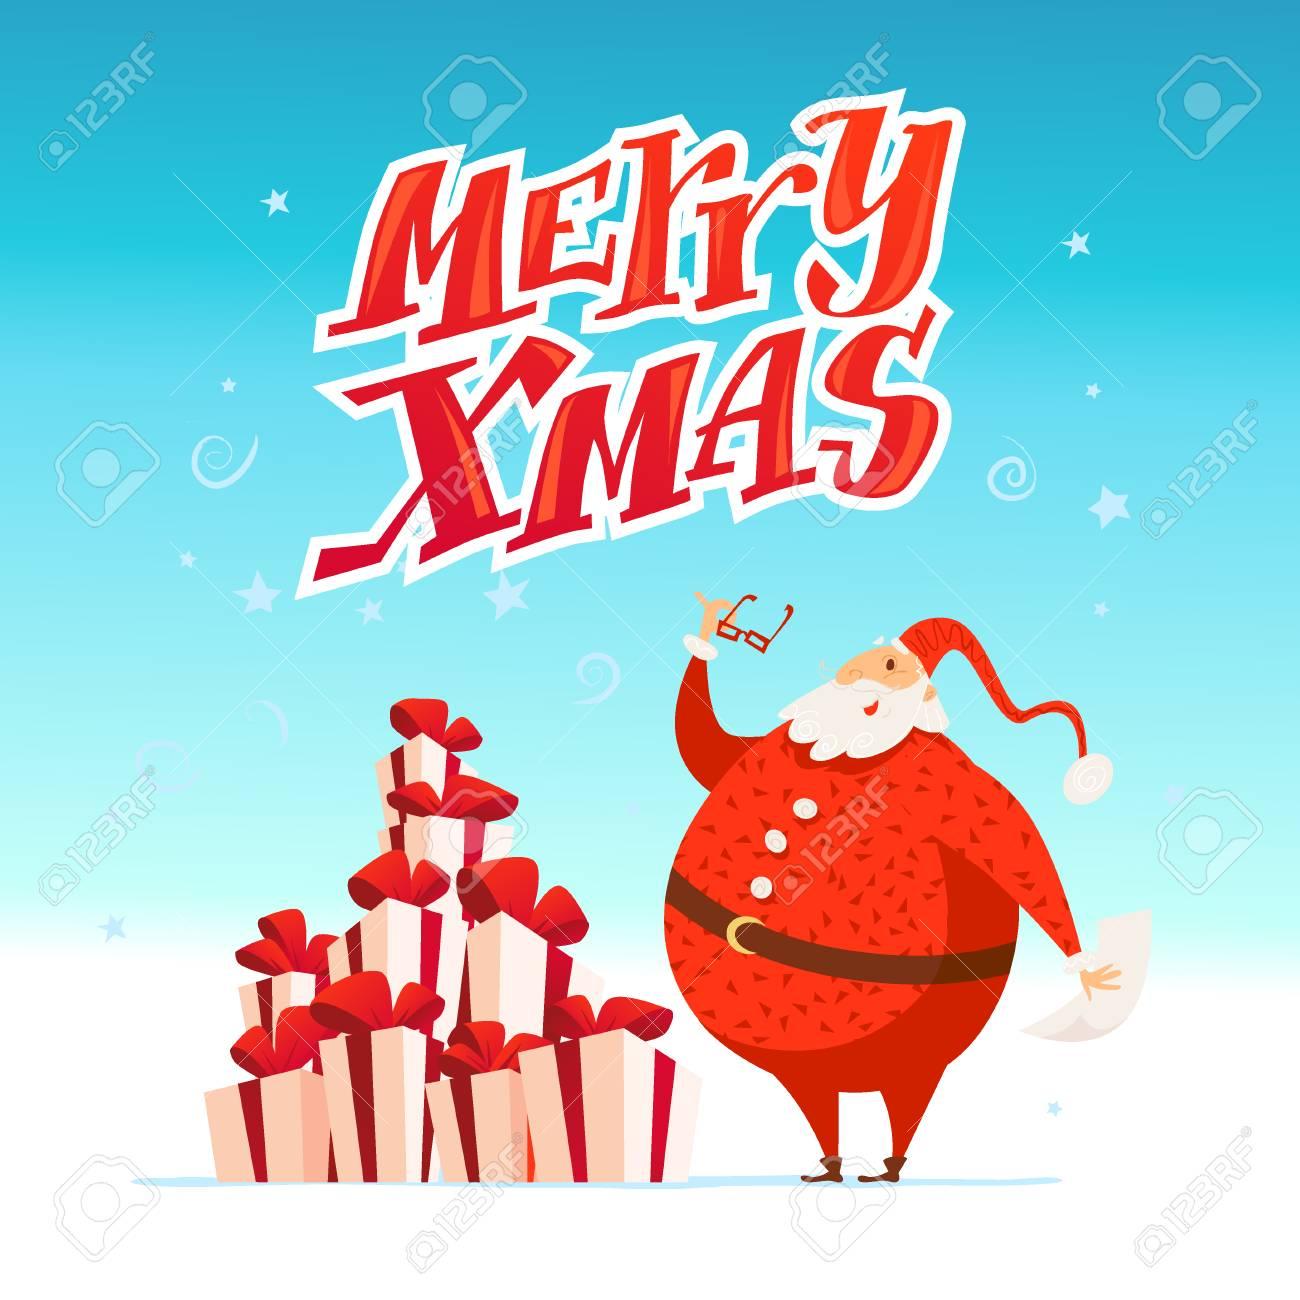 Bild Frohe Weihnachten Lustig.Stock Photo